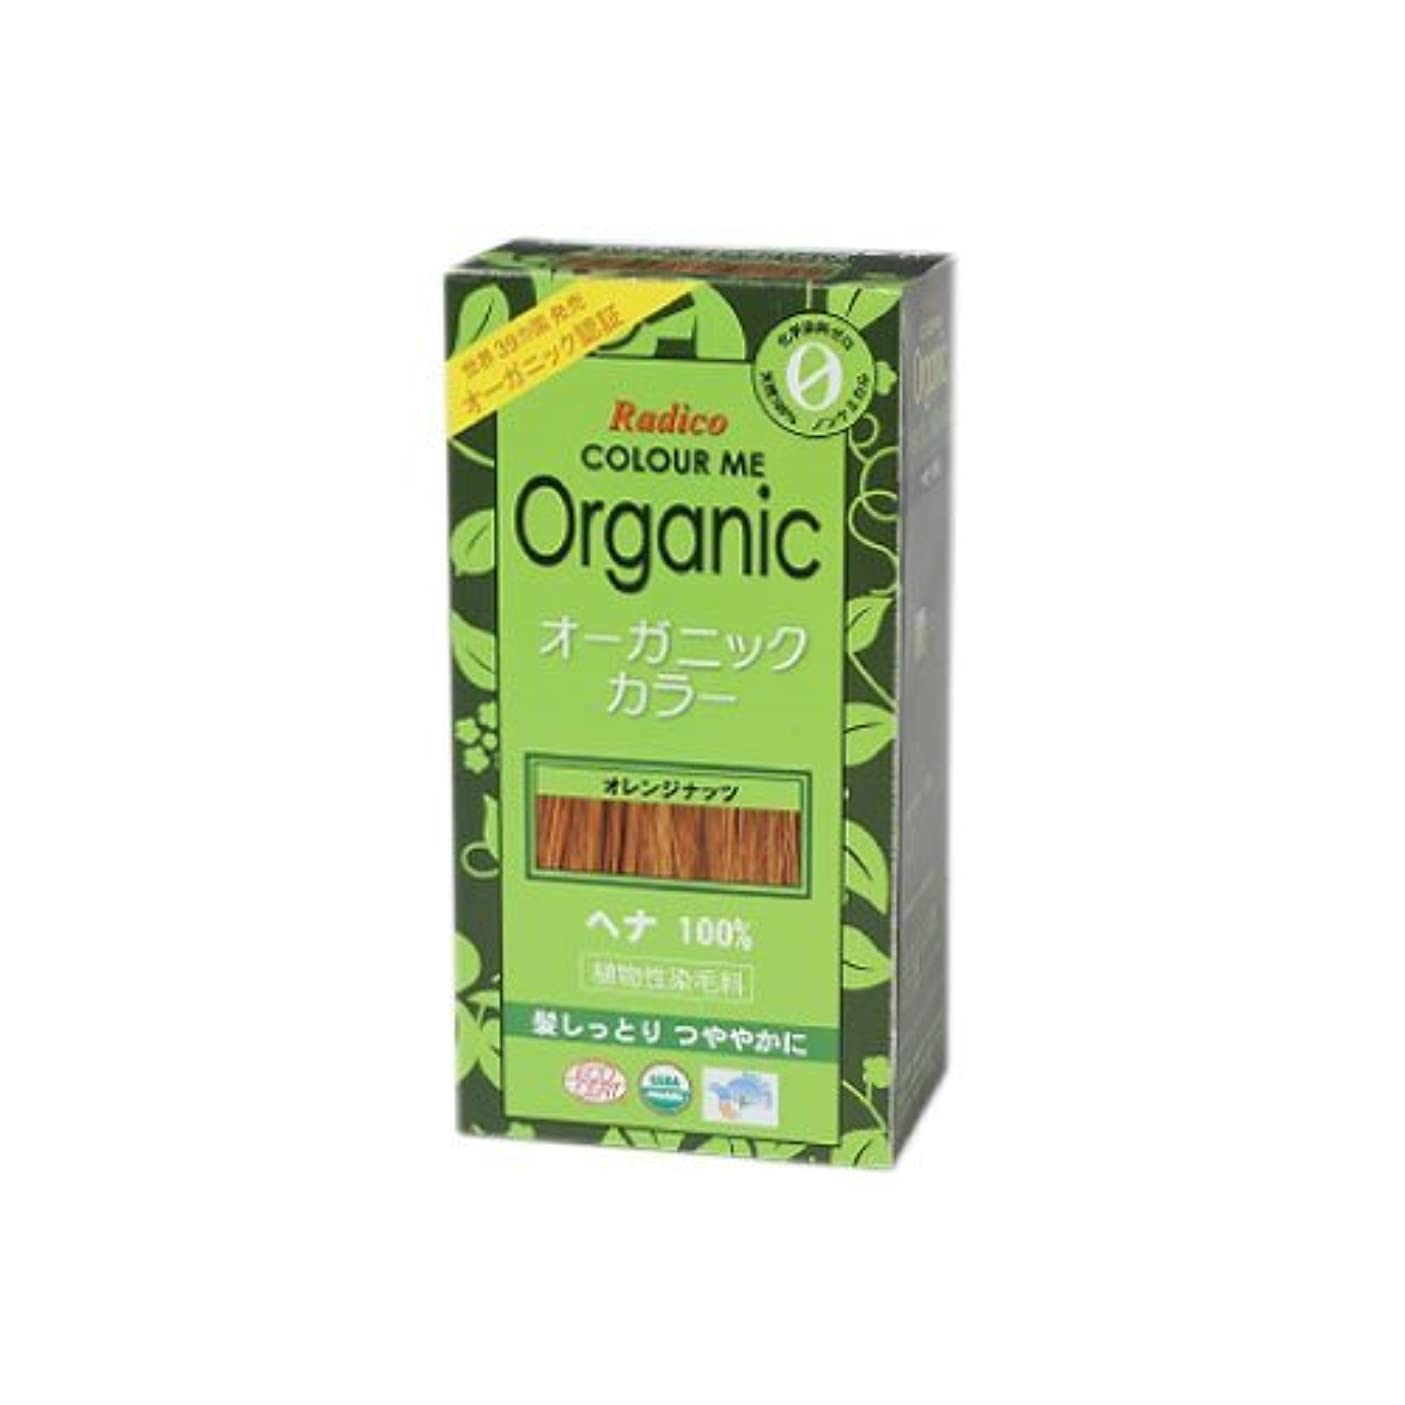 コモランマ残り合併症COLOURME Organic (カラーミーオーガニック ヘナ 白髪用) オレンジナッツ 100g